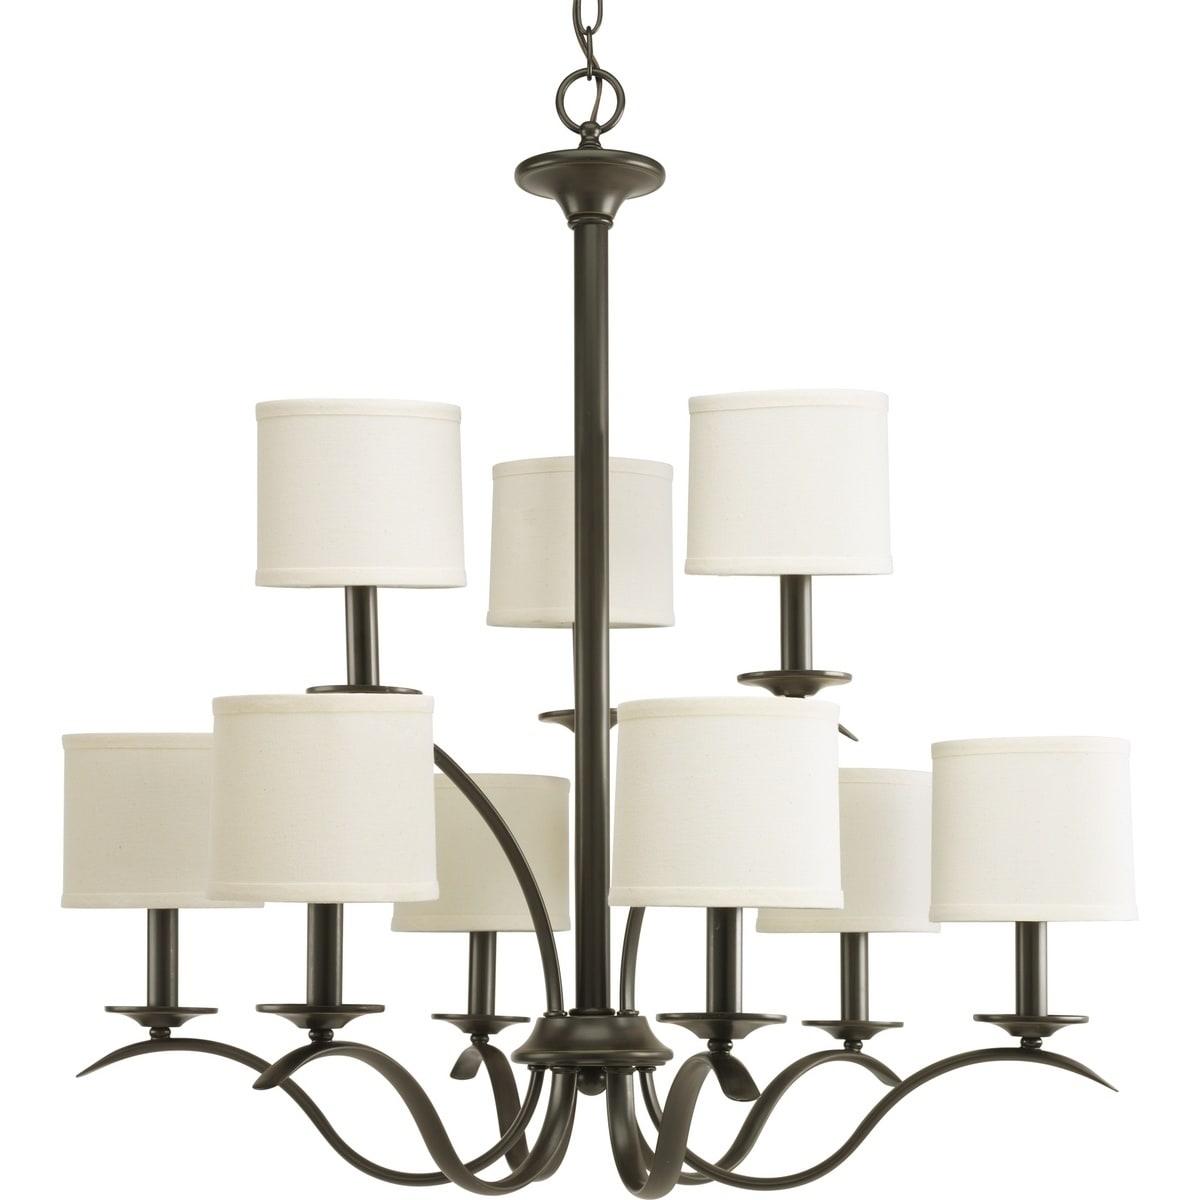 Progress Lighting Inspire Collection 9 Light Antique Bronze Chandelier Fixture N A